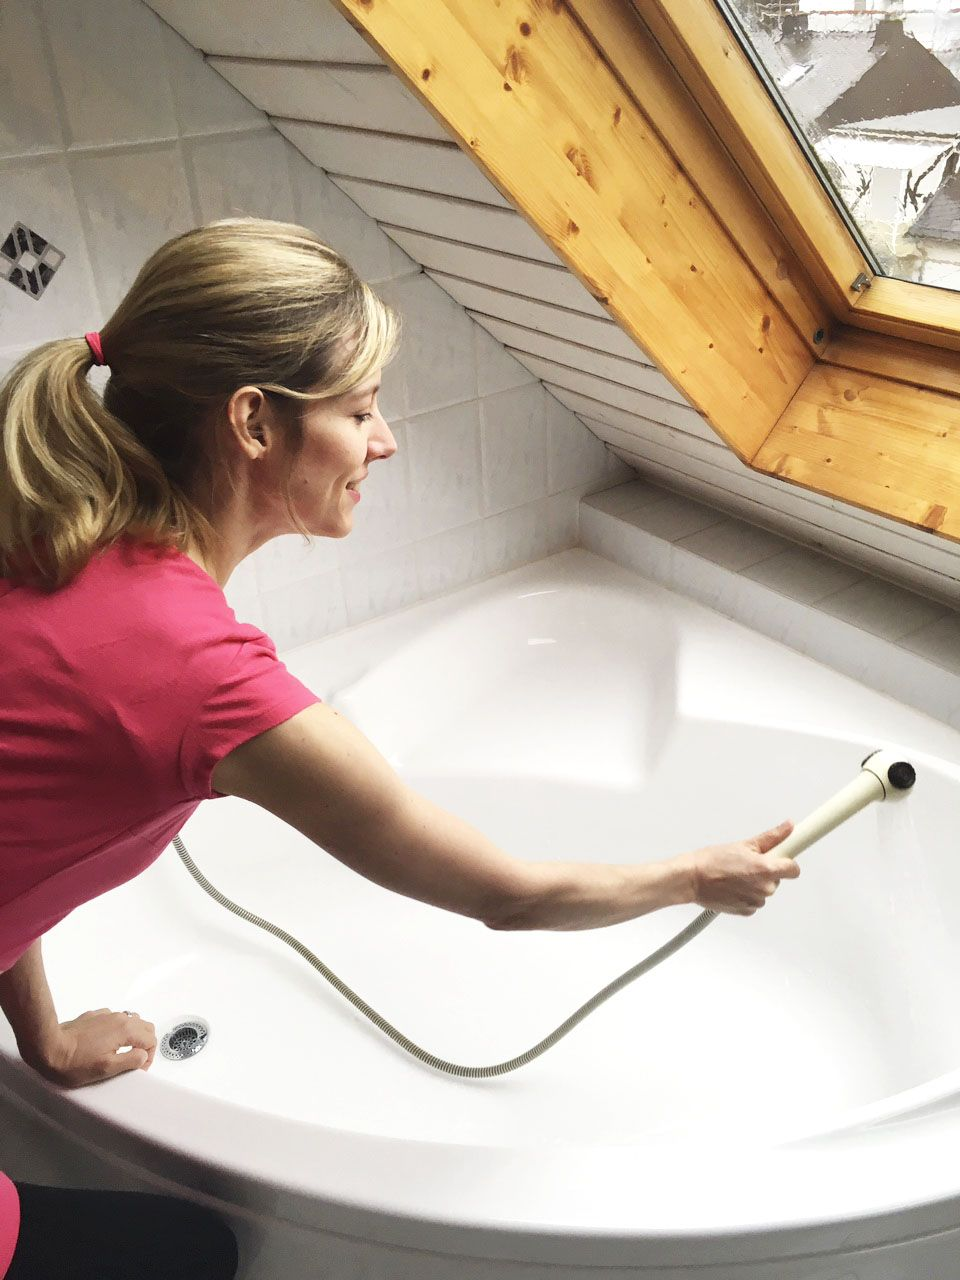 Cramer 16002de Reparatur Set Email Acryl Keramik Reinweiss Zur Dauerhaften Reparatur Von Badewannen Duschwannen Und Waschbecken Amazon De Baumarkt